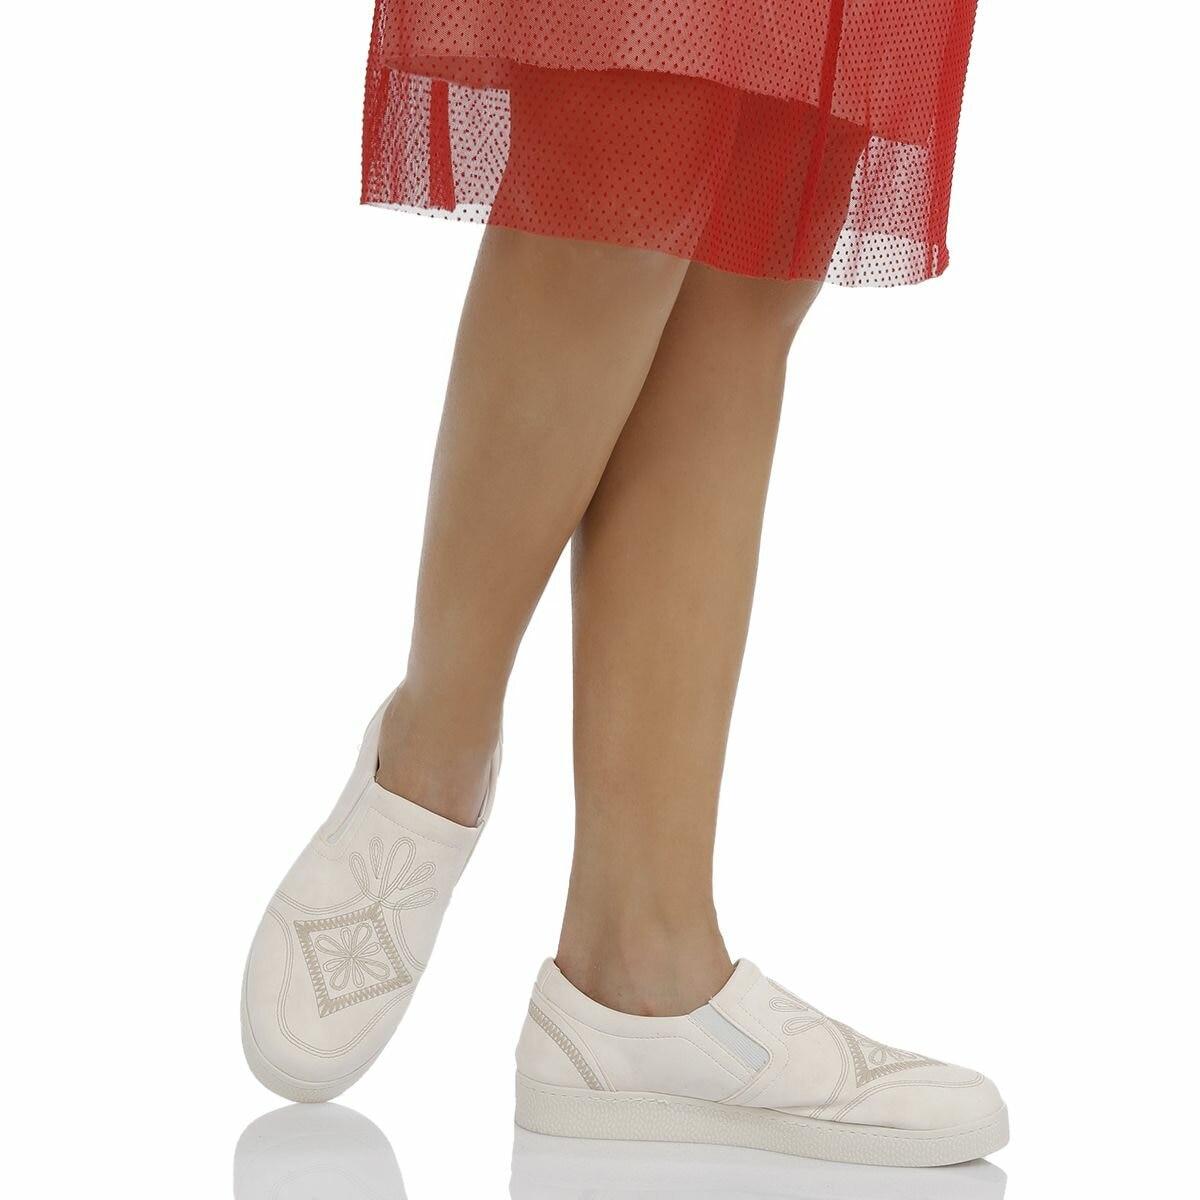 FLO 18S-003 White Women 'S Sports Shoes BUTIGO